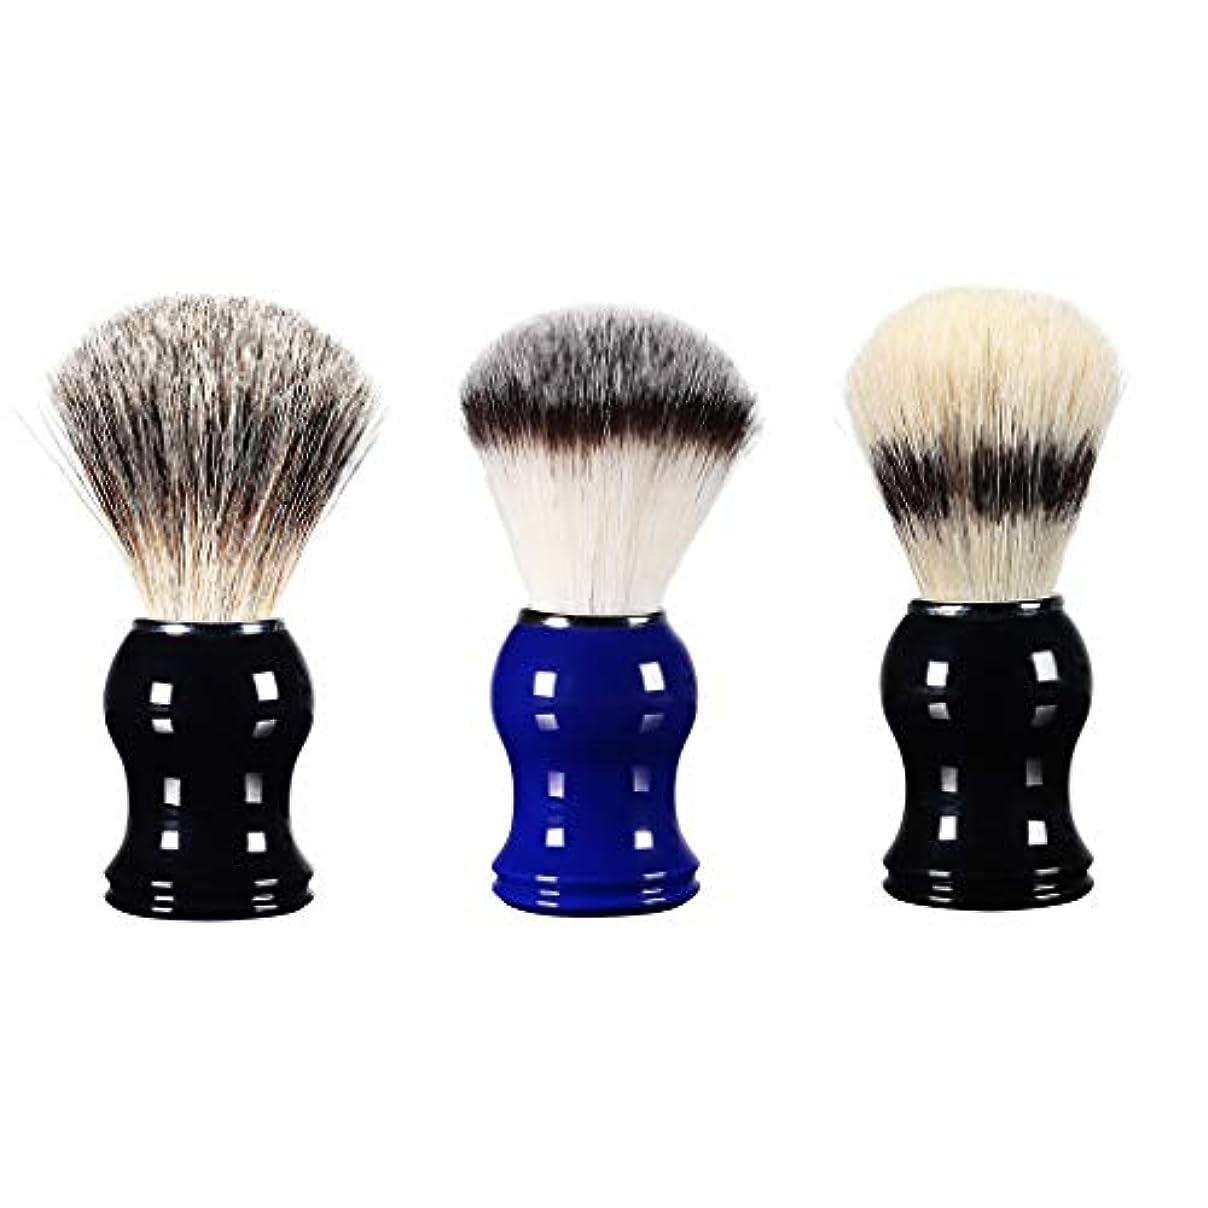 キモい読者不良品dailymall 3 Xプロのひげ剃りブラシ男性化粧品グルーミングツール樹脂ハンドル